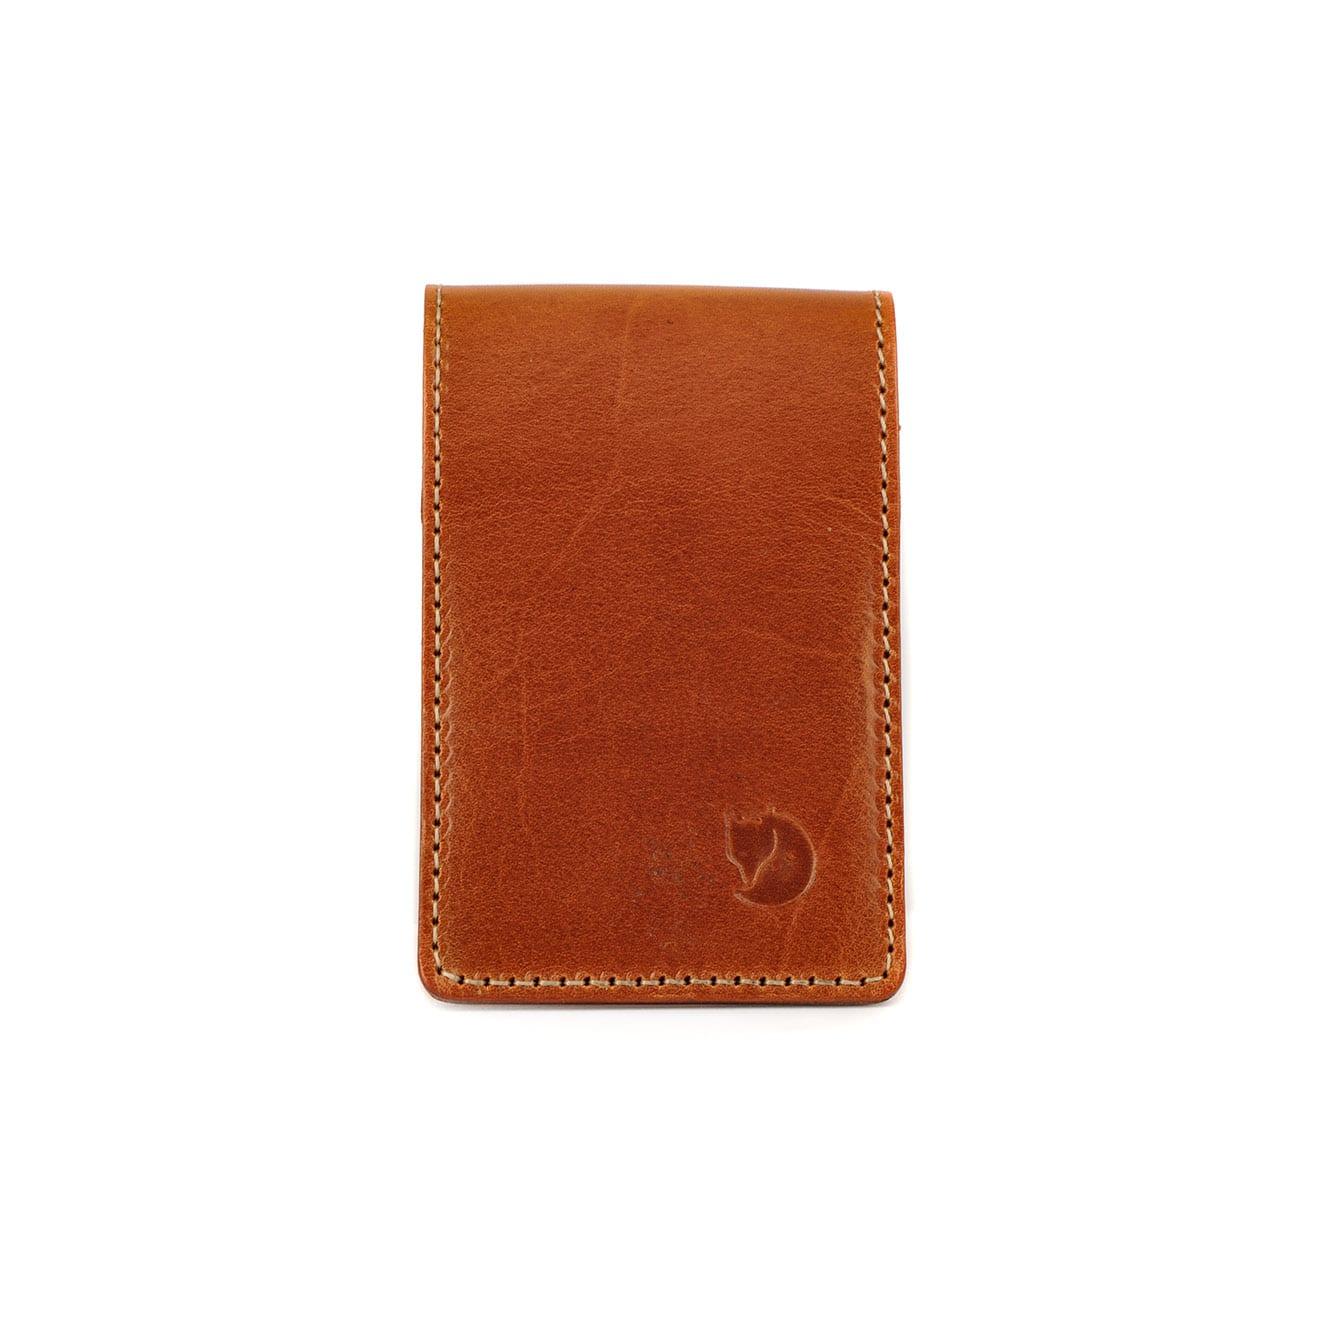 Fjallraven Ovik Card Holder Large Leather Cognac